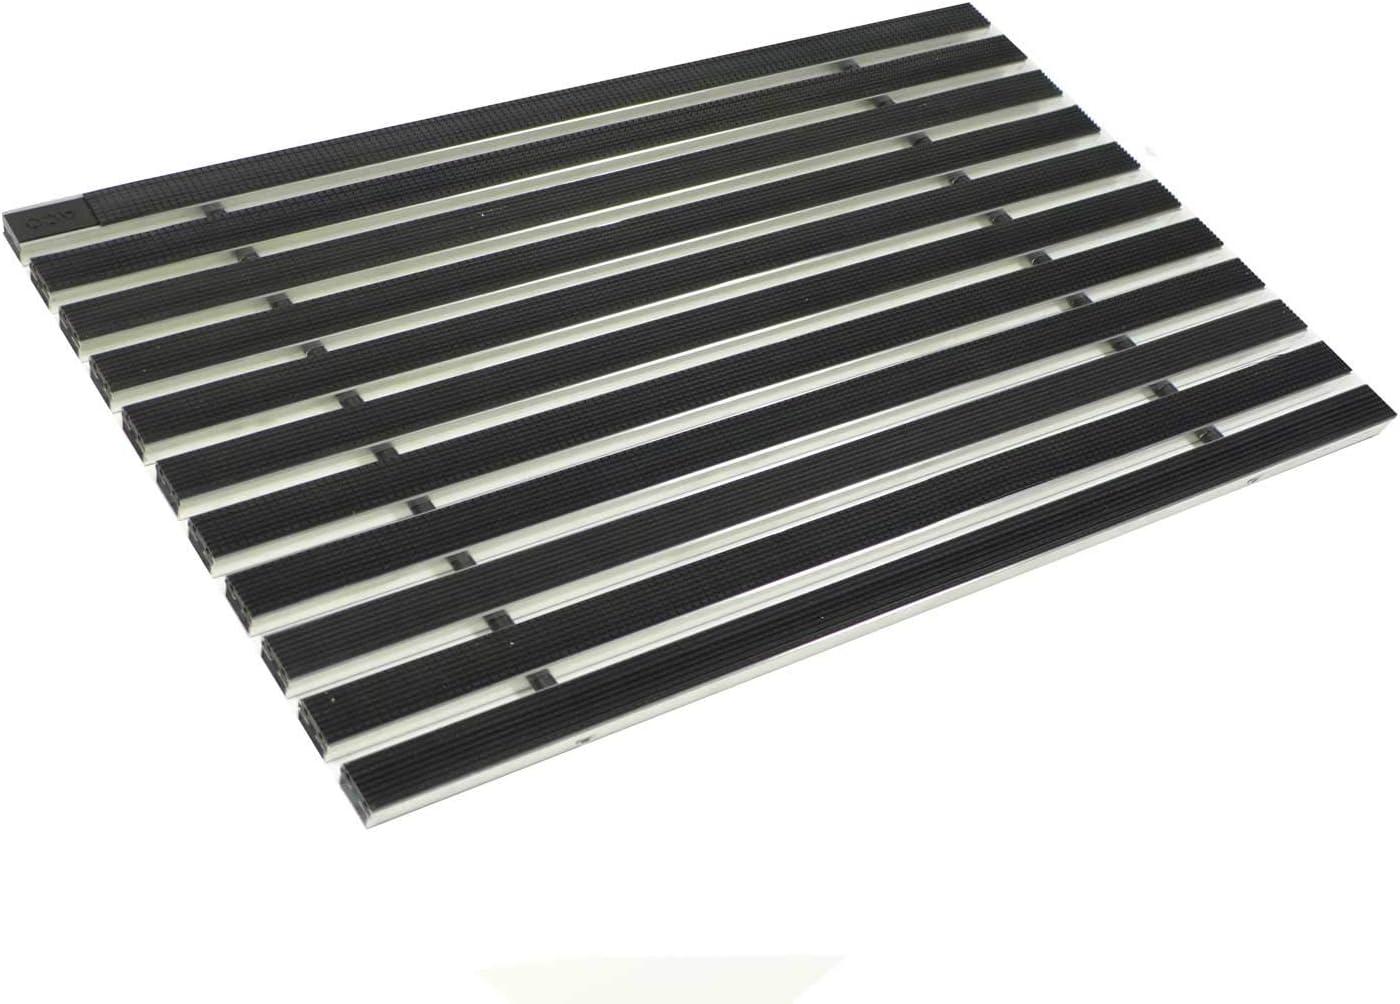 ACO Eingangsmatte 100x50 Gummi schwarz mit ALU Winkelrahmen Fußmatte Türmatte Ab